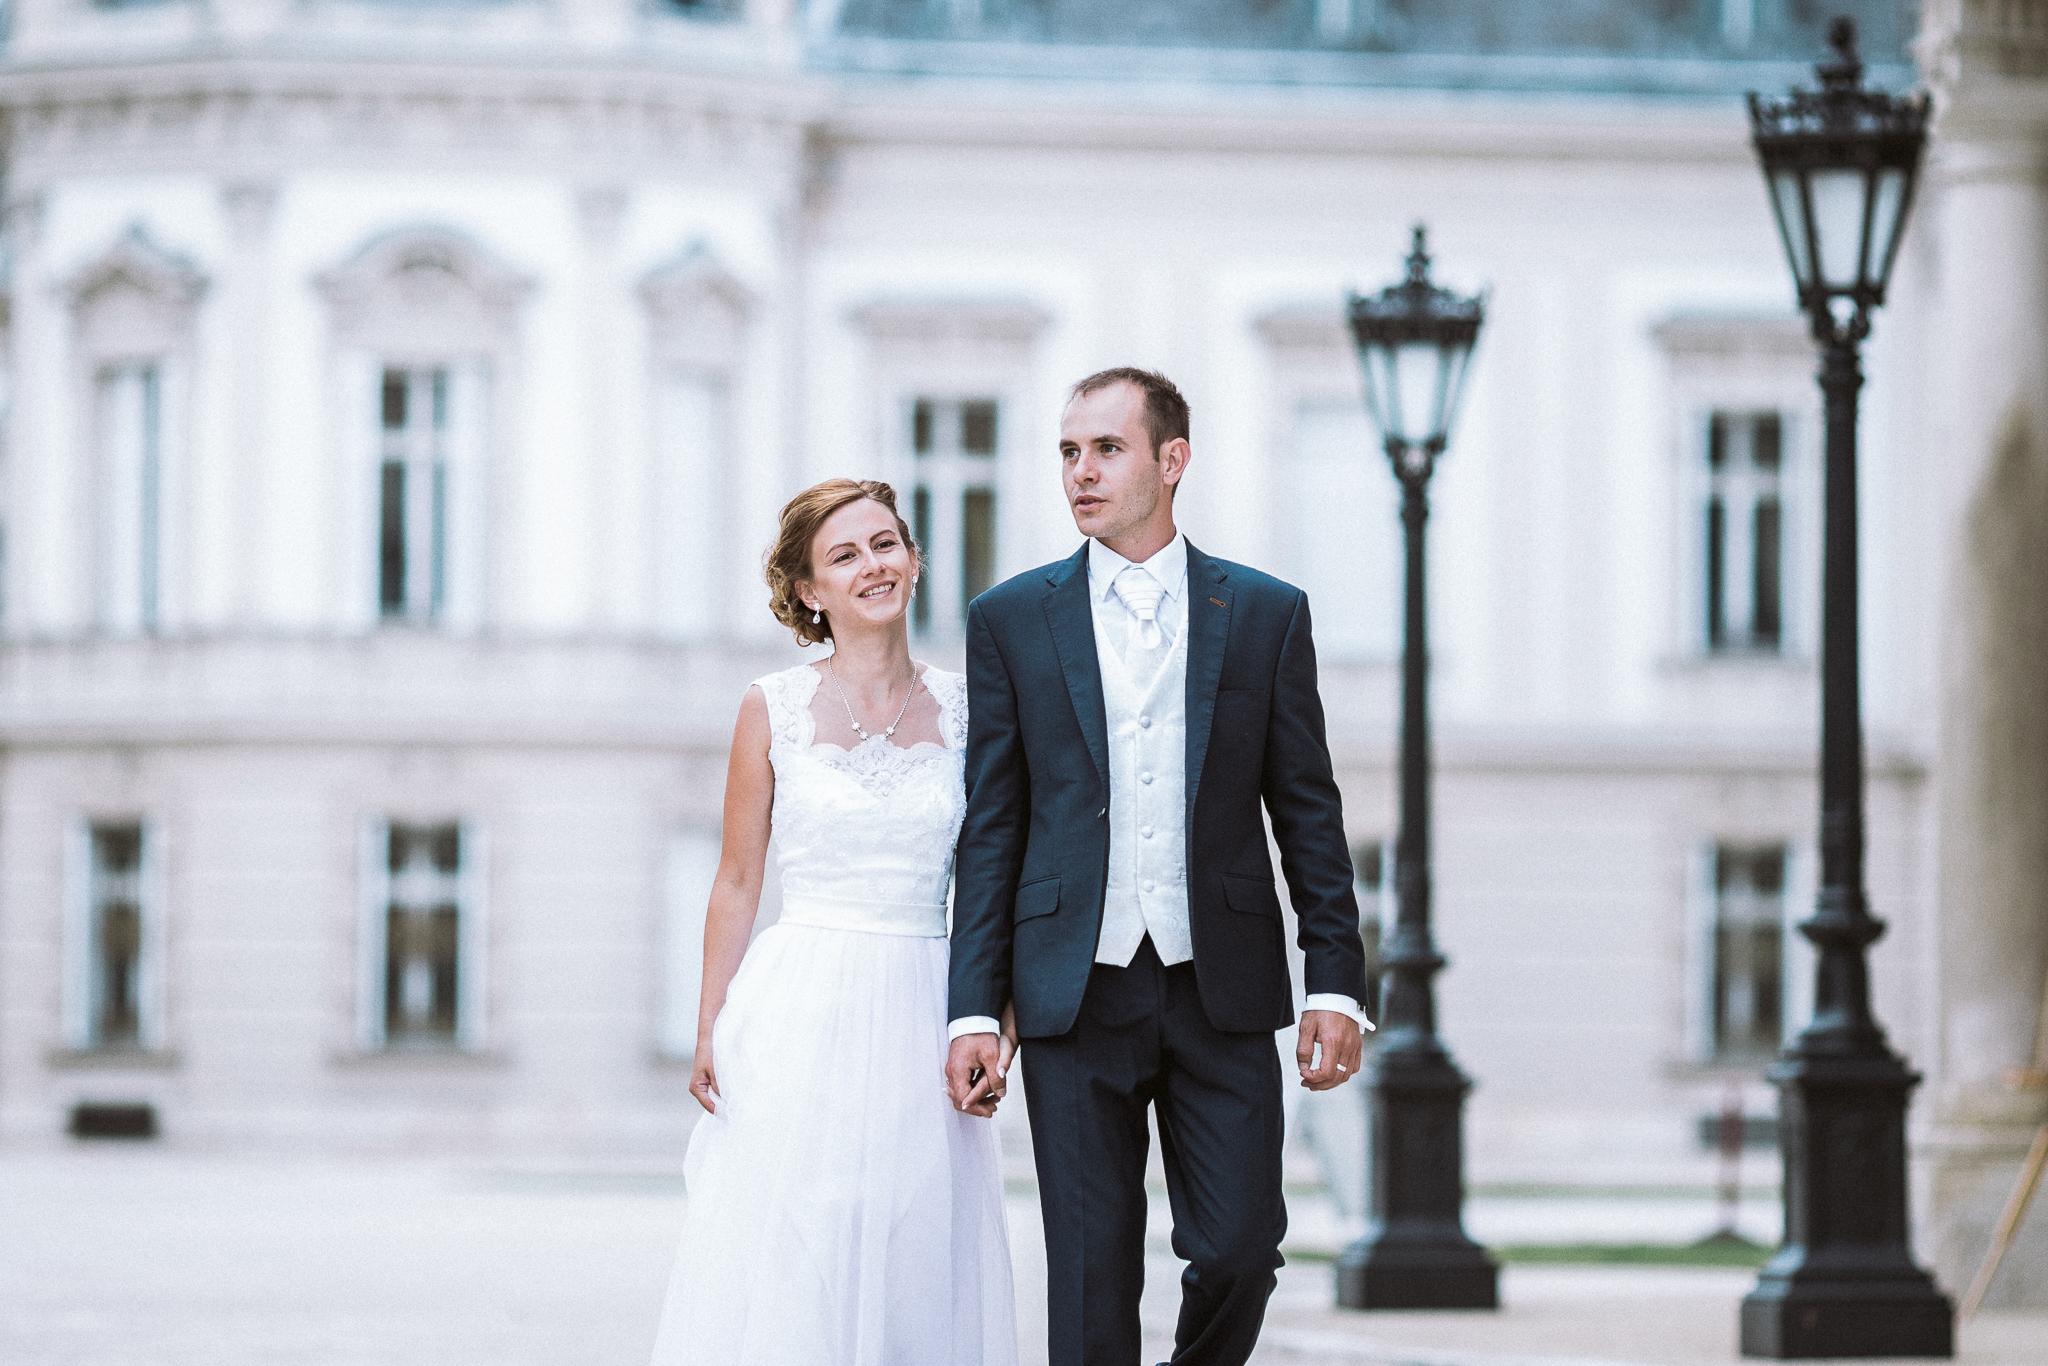 FylepPhoto, esküvőfotós, esküvői fotós Körmend, Szombathely, esküvőfotózás, magyarország, vas megye, prémium, jegyesfotózás, Fülöp Péter, körmend, kreatív, fotográfus_33-2.jpg